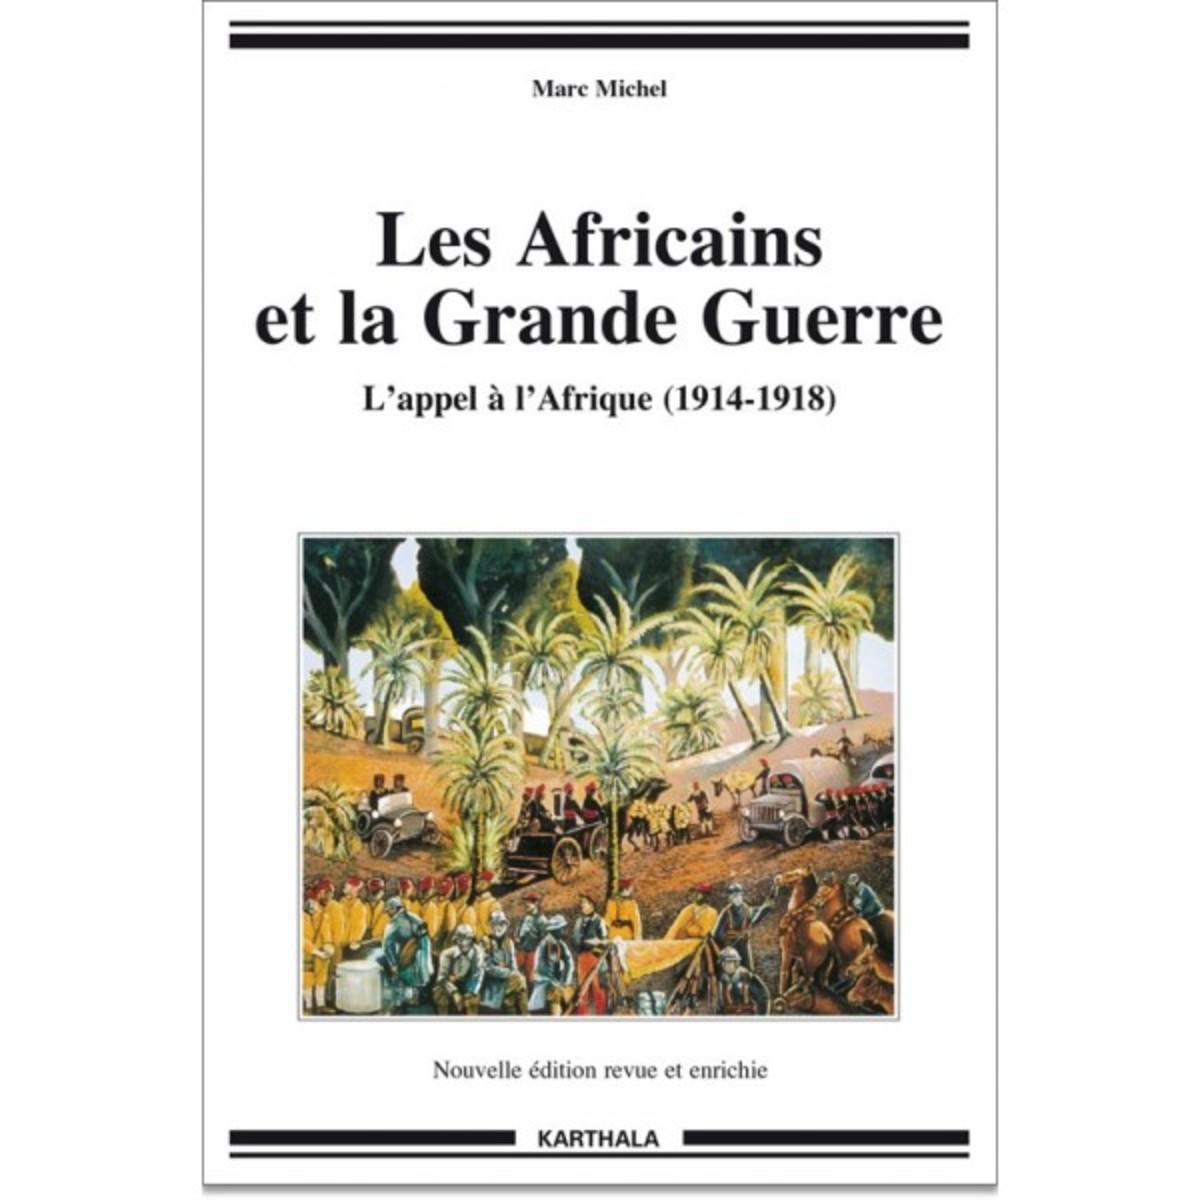 """""""Les Africains et la Grande Guerre"""" by Mare Michel"""